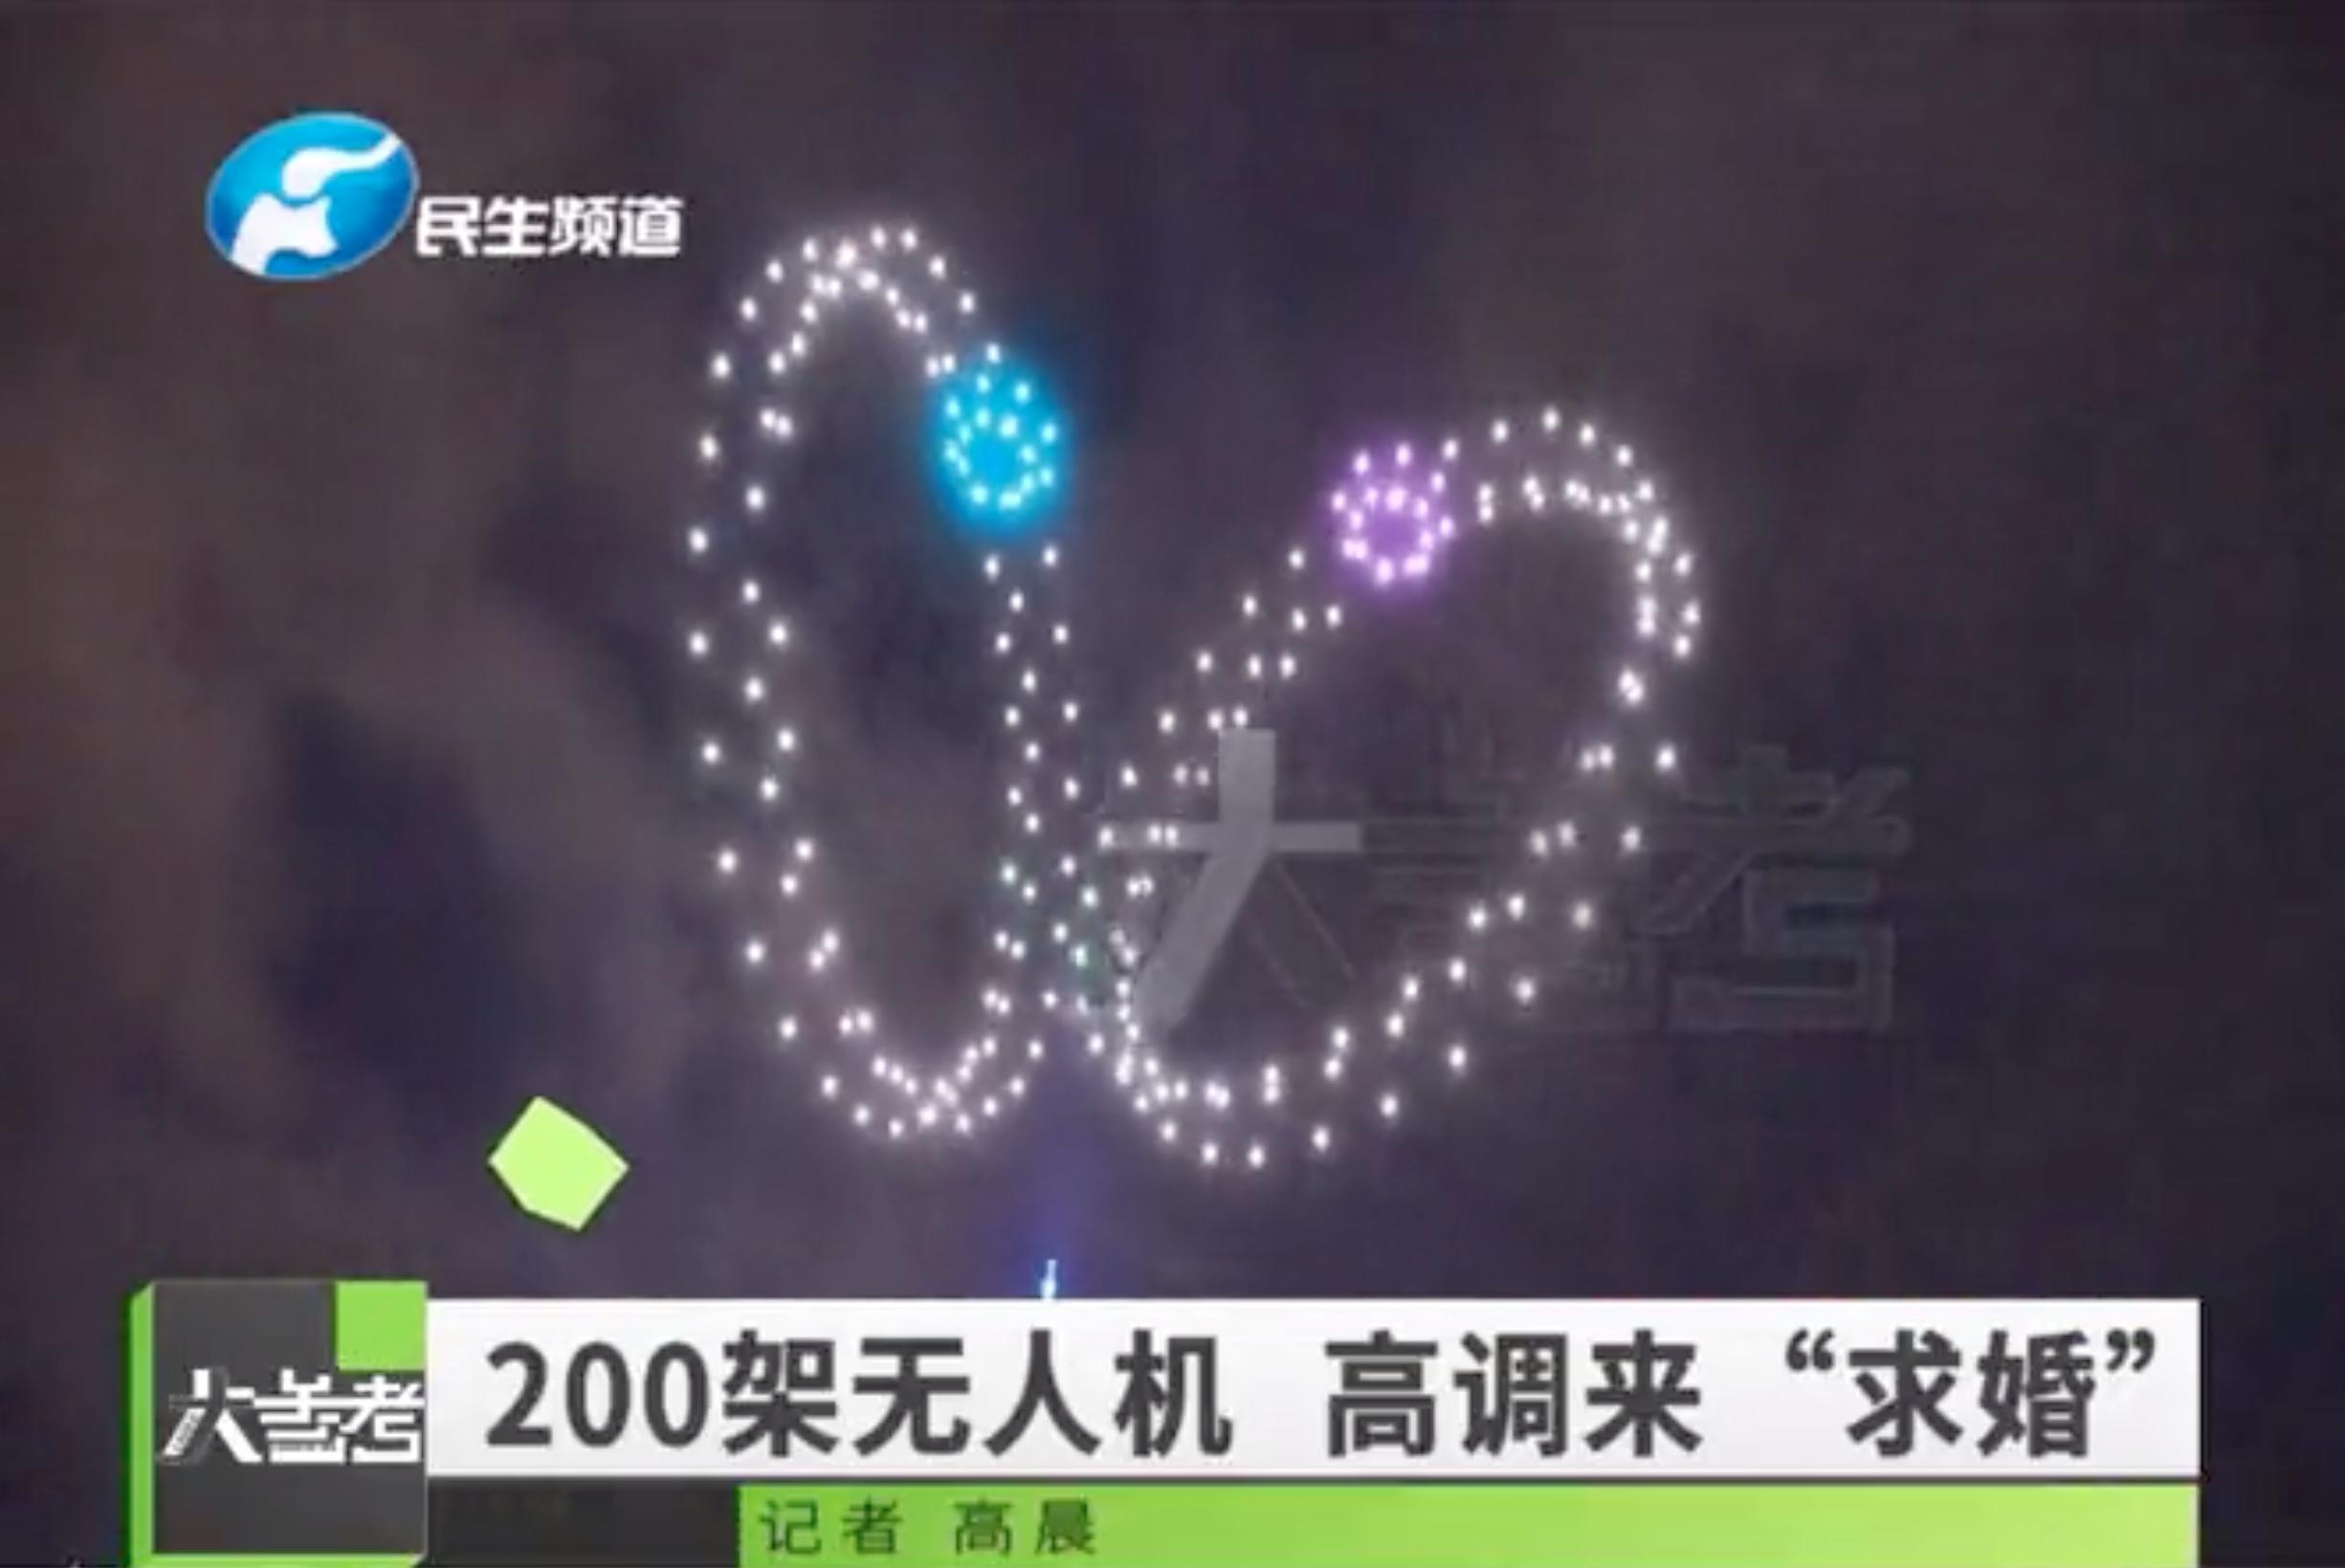 鄭州 85 後藉無人機編隊表演向妻子補上遲來的求婚 網民:實名羨幕!